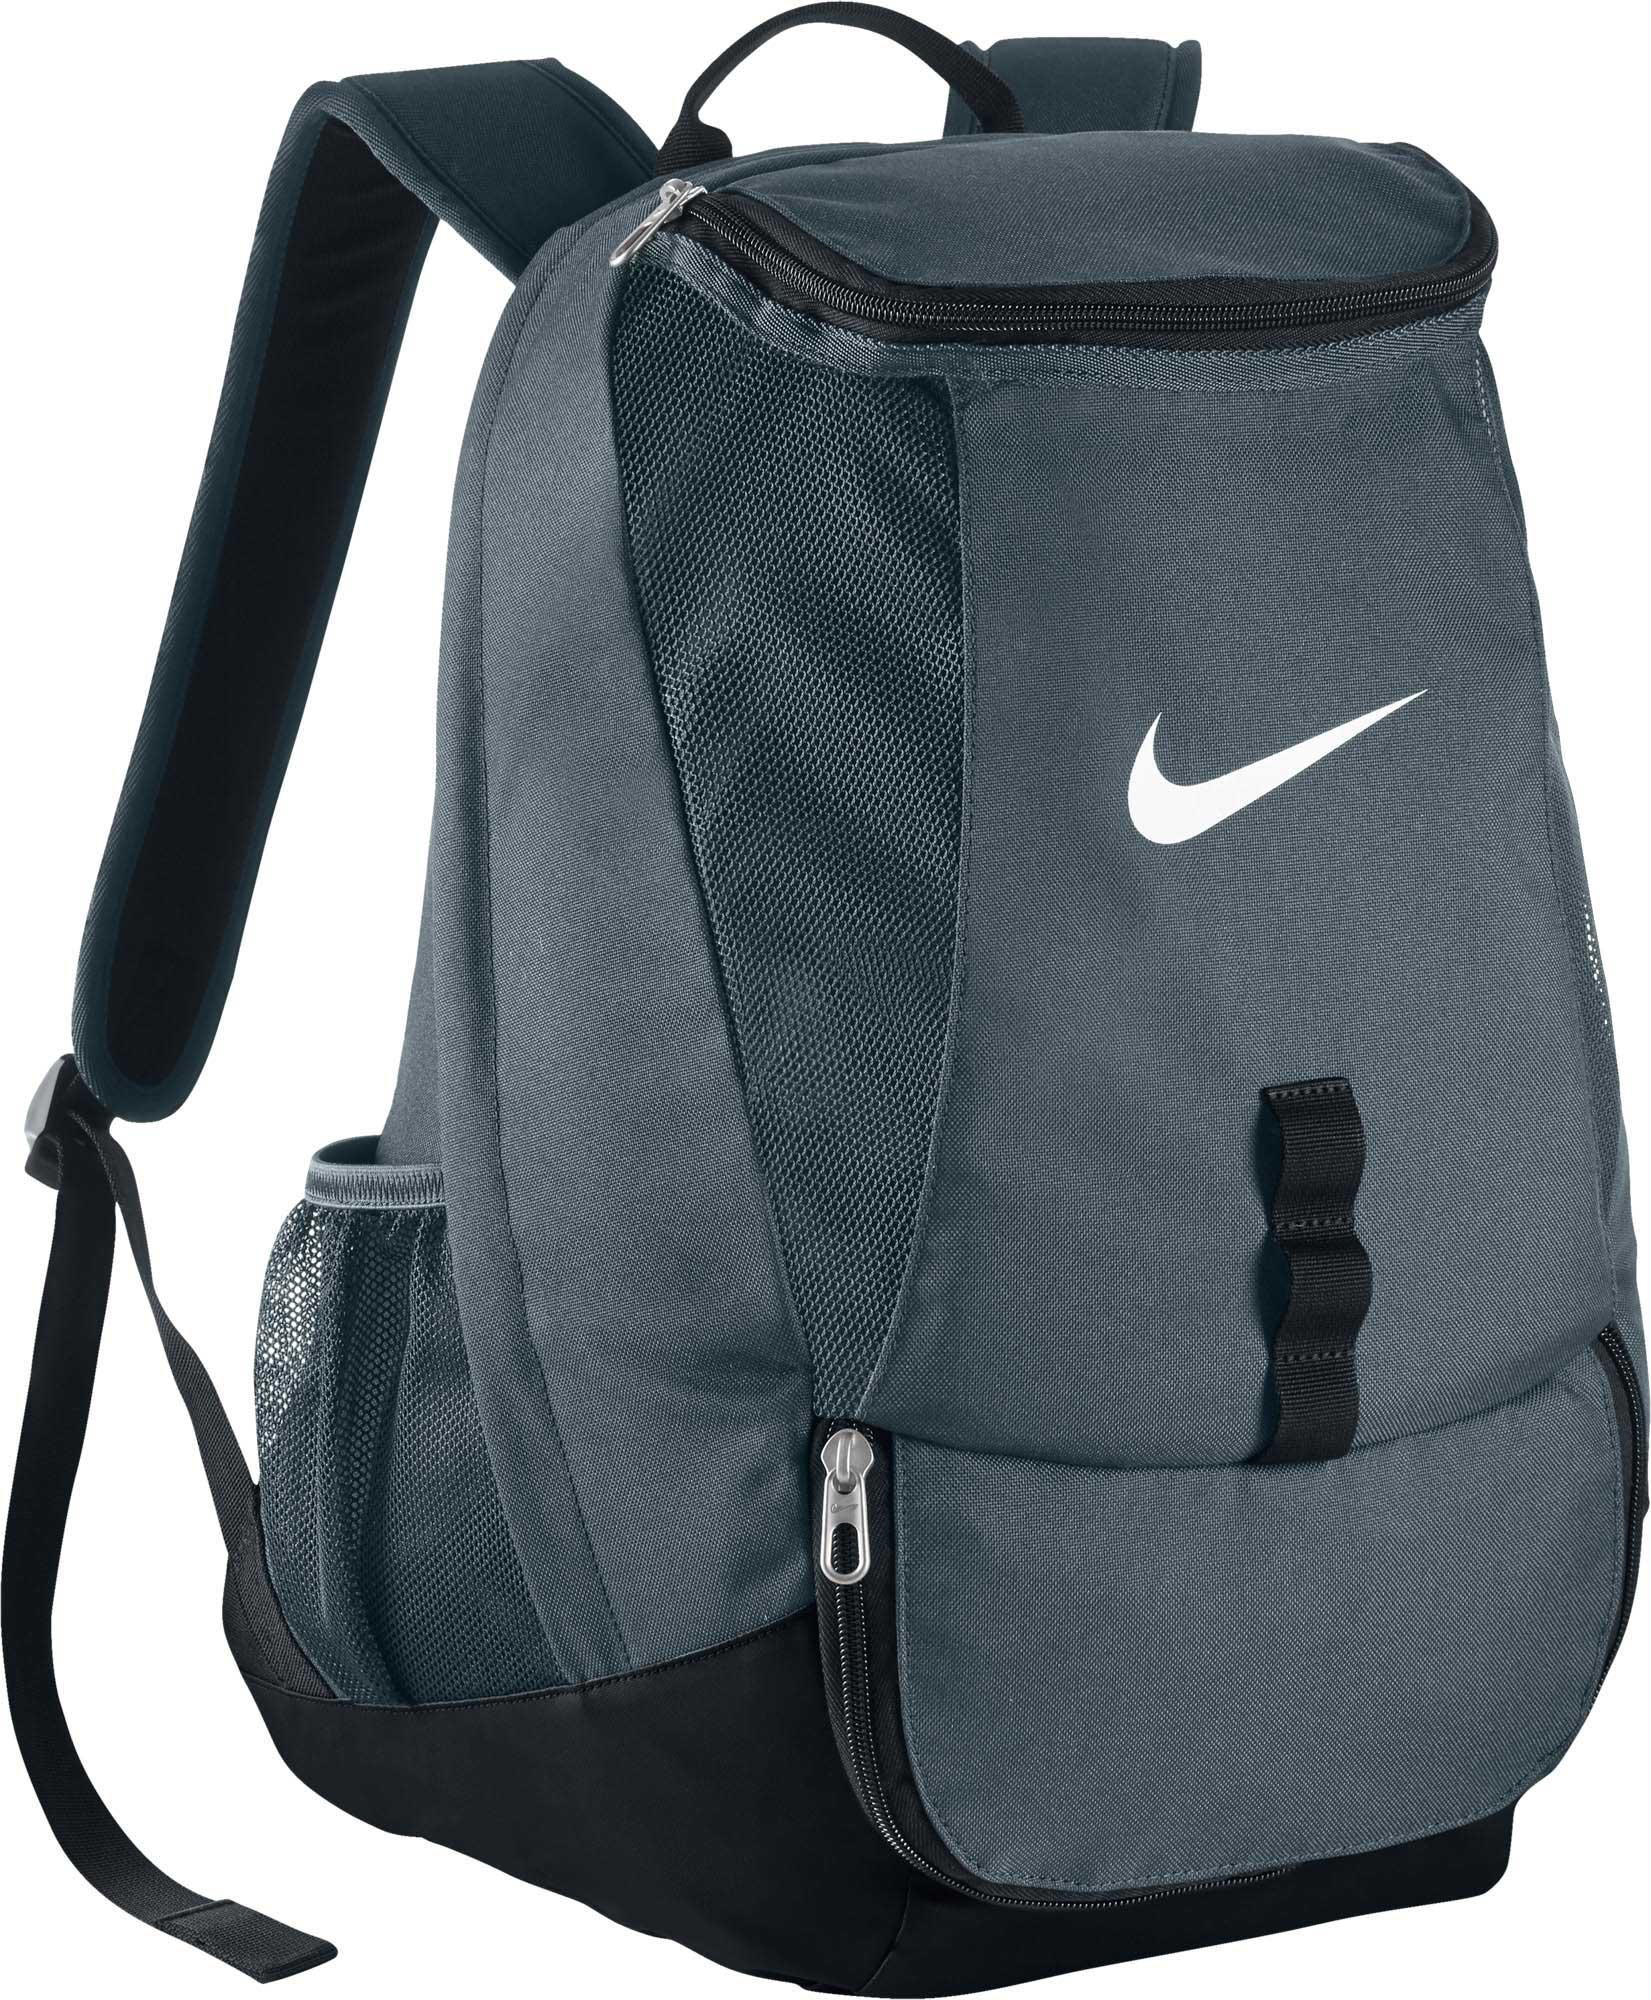 Nike Club Team Backpack - Nike Soccer Bag